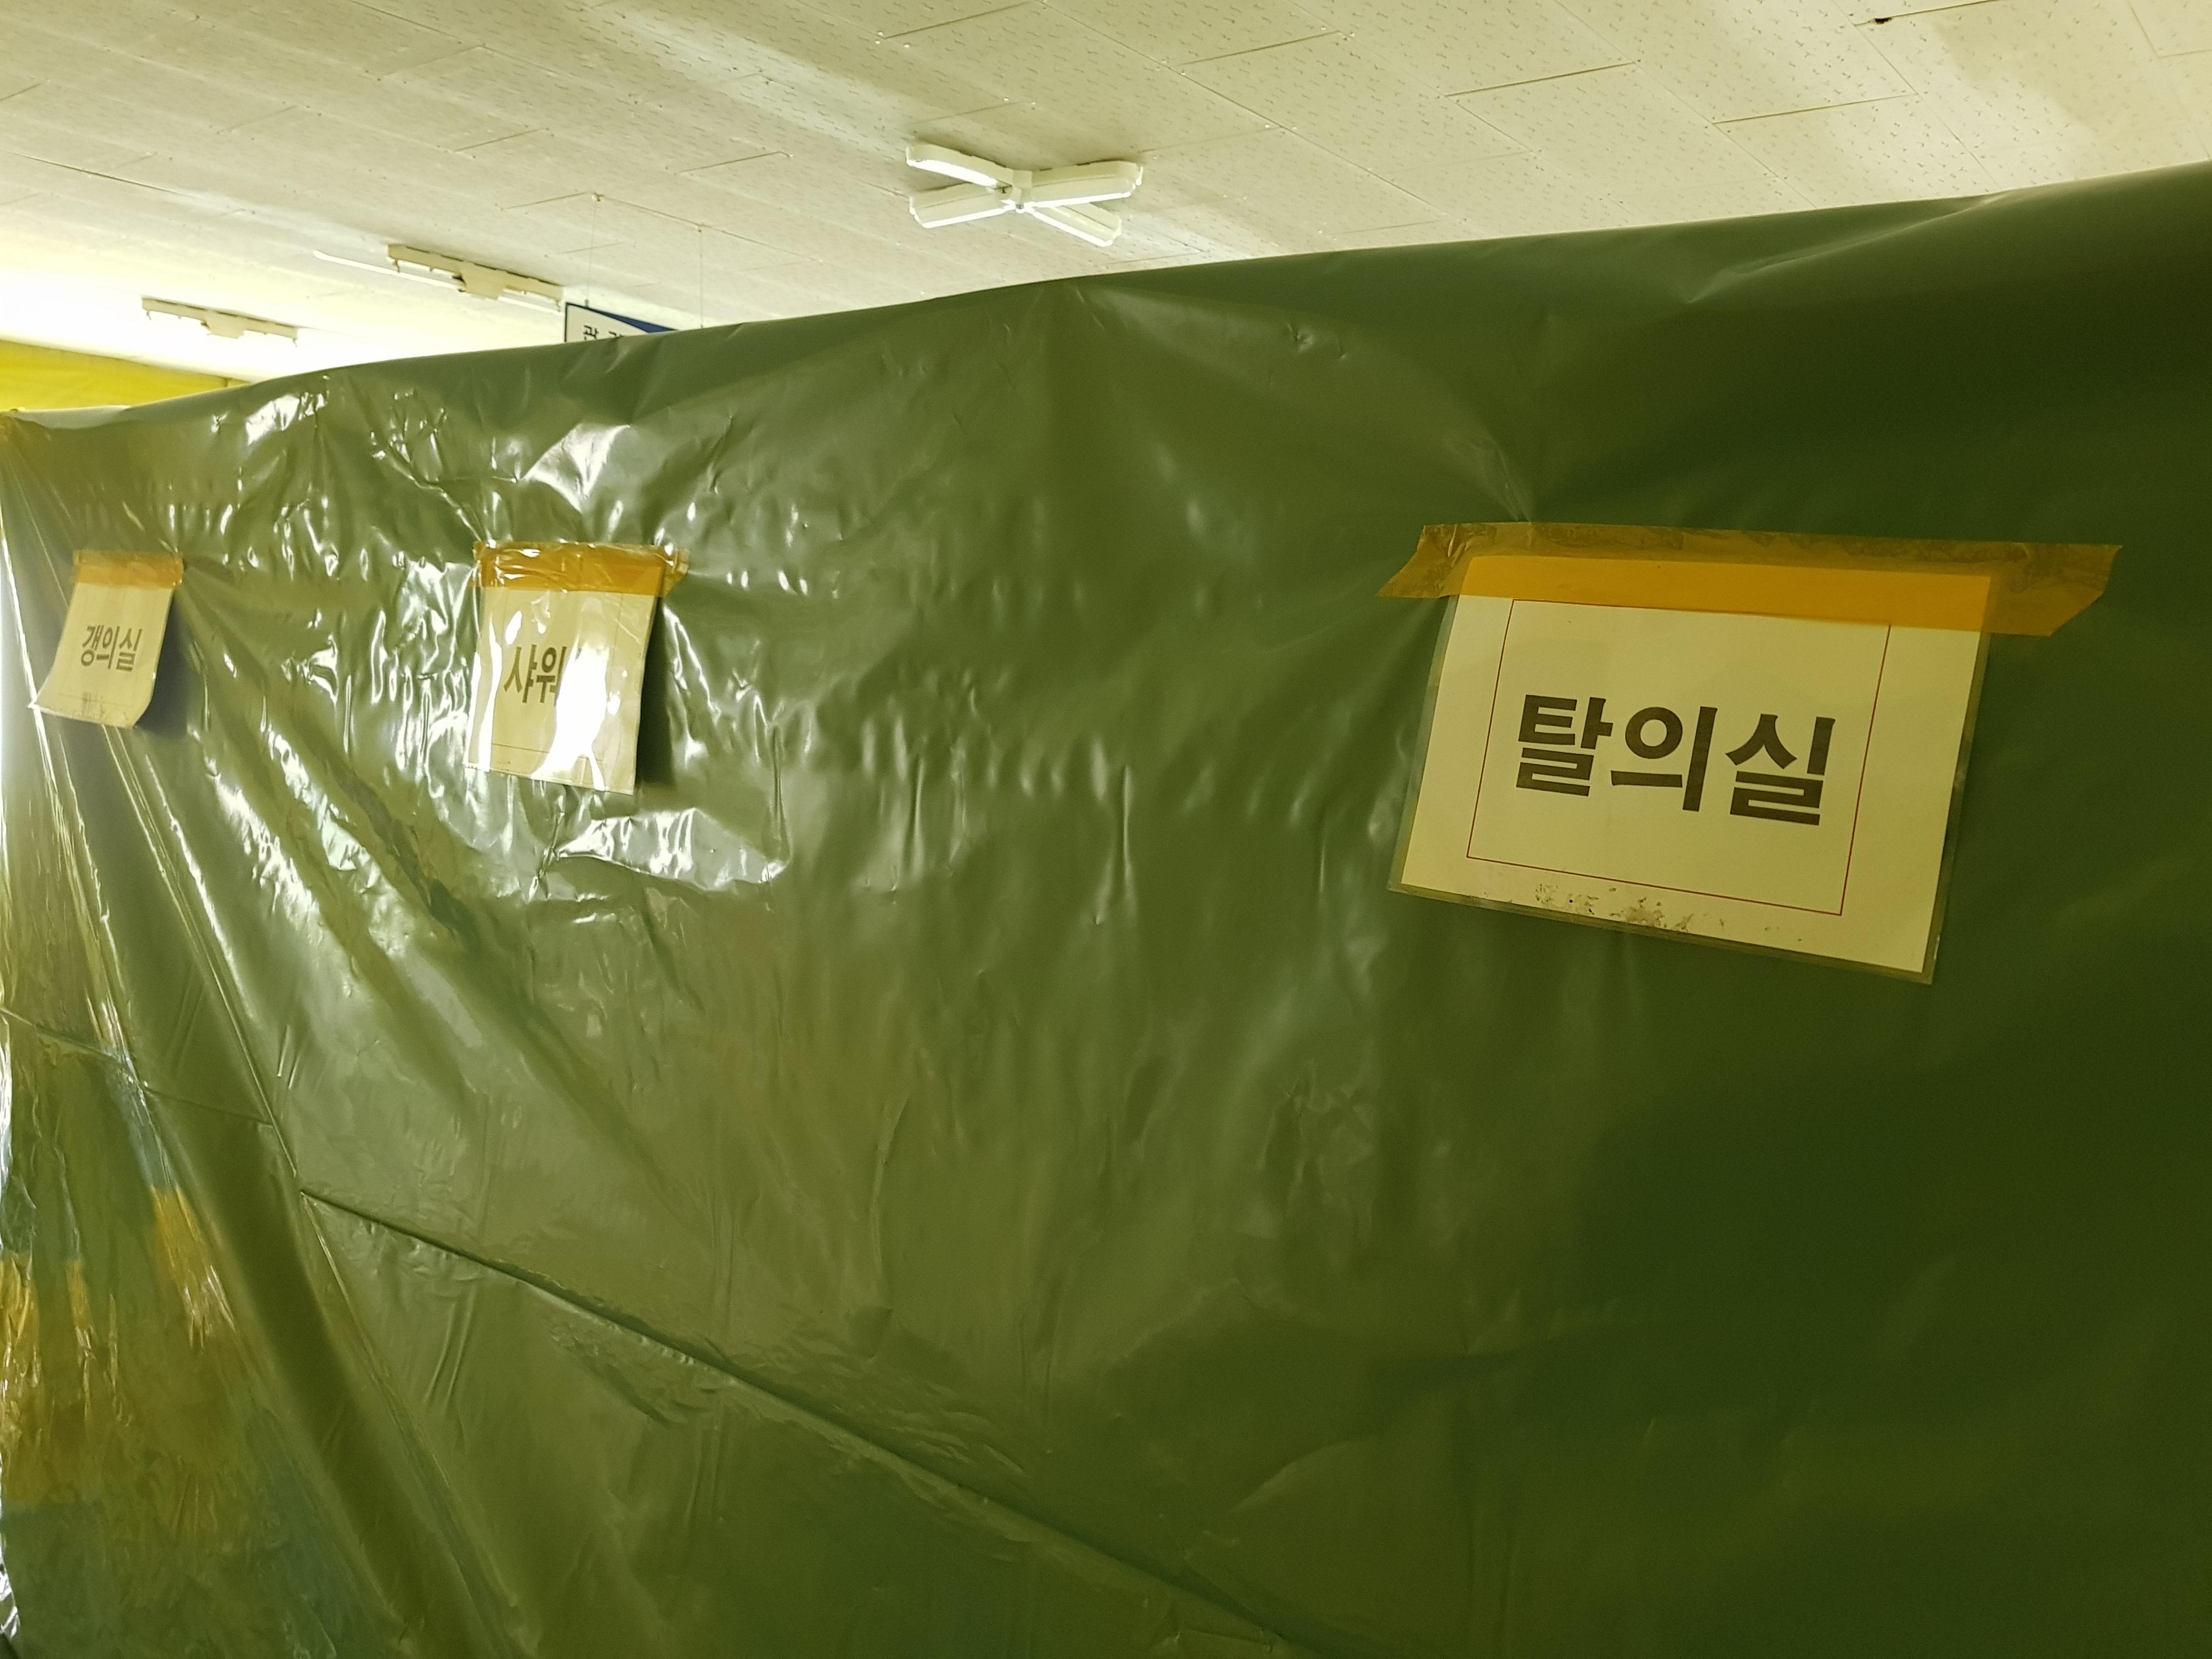 10 번째 사진  에  연면적60 ㎡ 경북 예천군 예천읍 공장 천장텍스 석면해체 제거 보고서